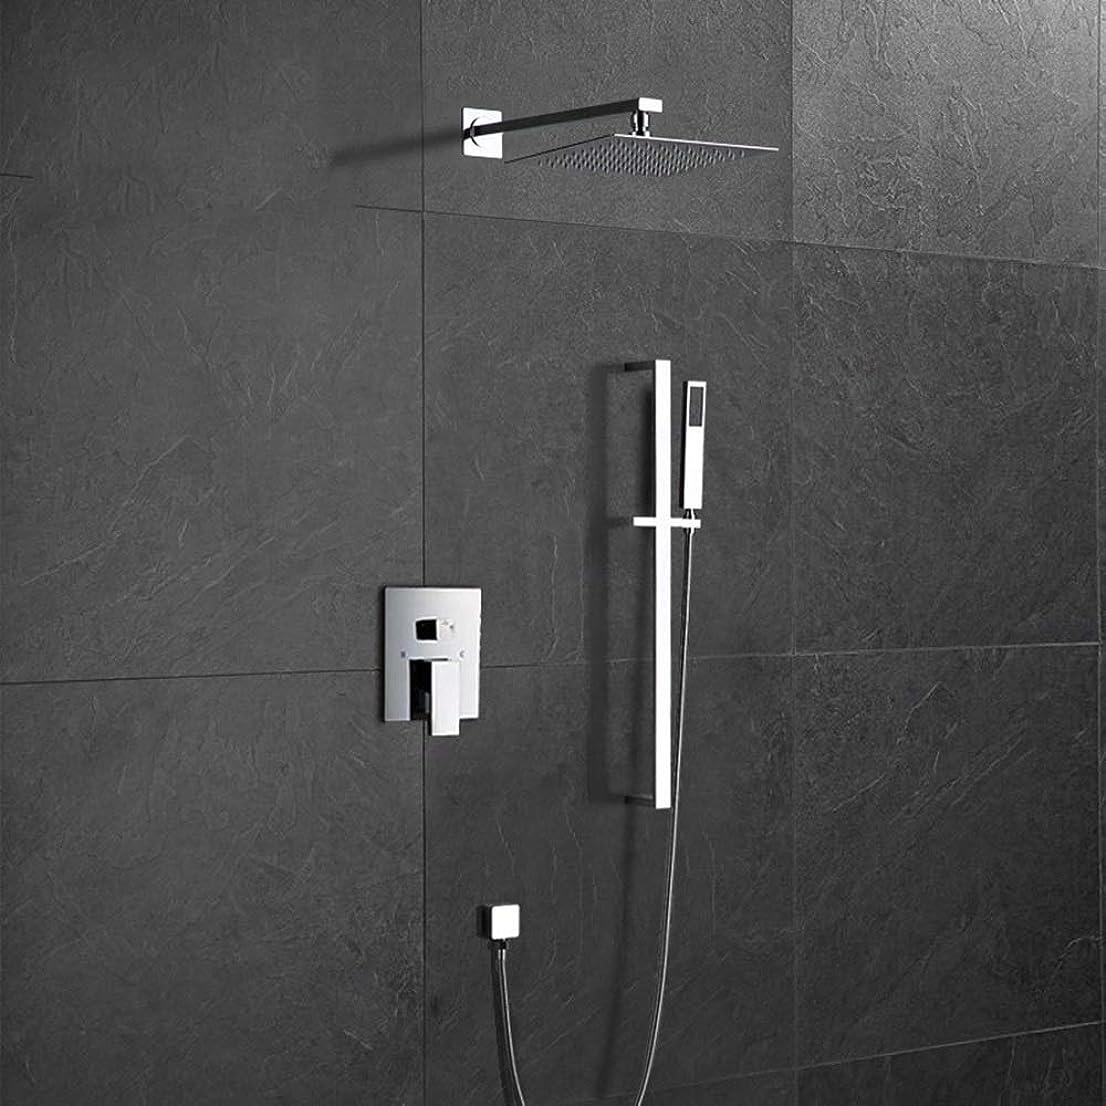 豆腐男らしいあたたかいシャワーセット レインシャワー シャワーヘッド シャワー 浴室用 蛇口 高水圧 節水 取付簡単 耐久性 セット ZHQJP